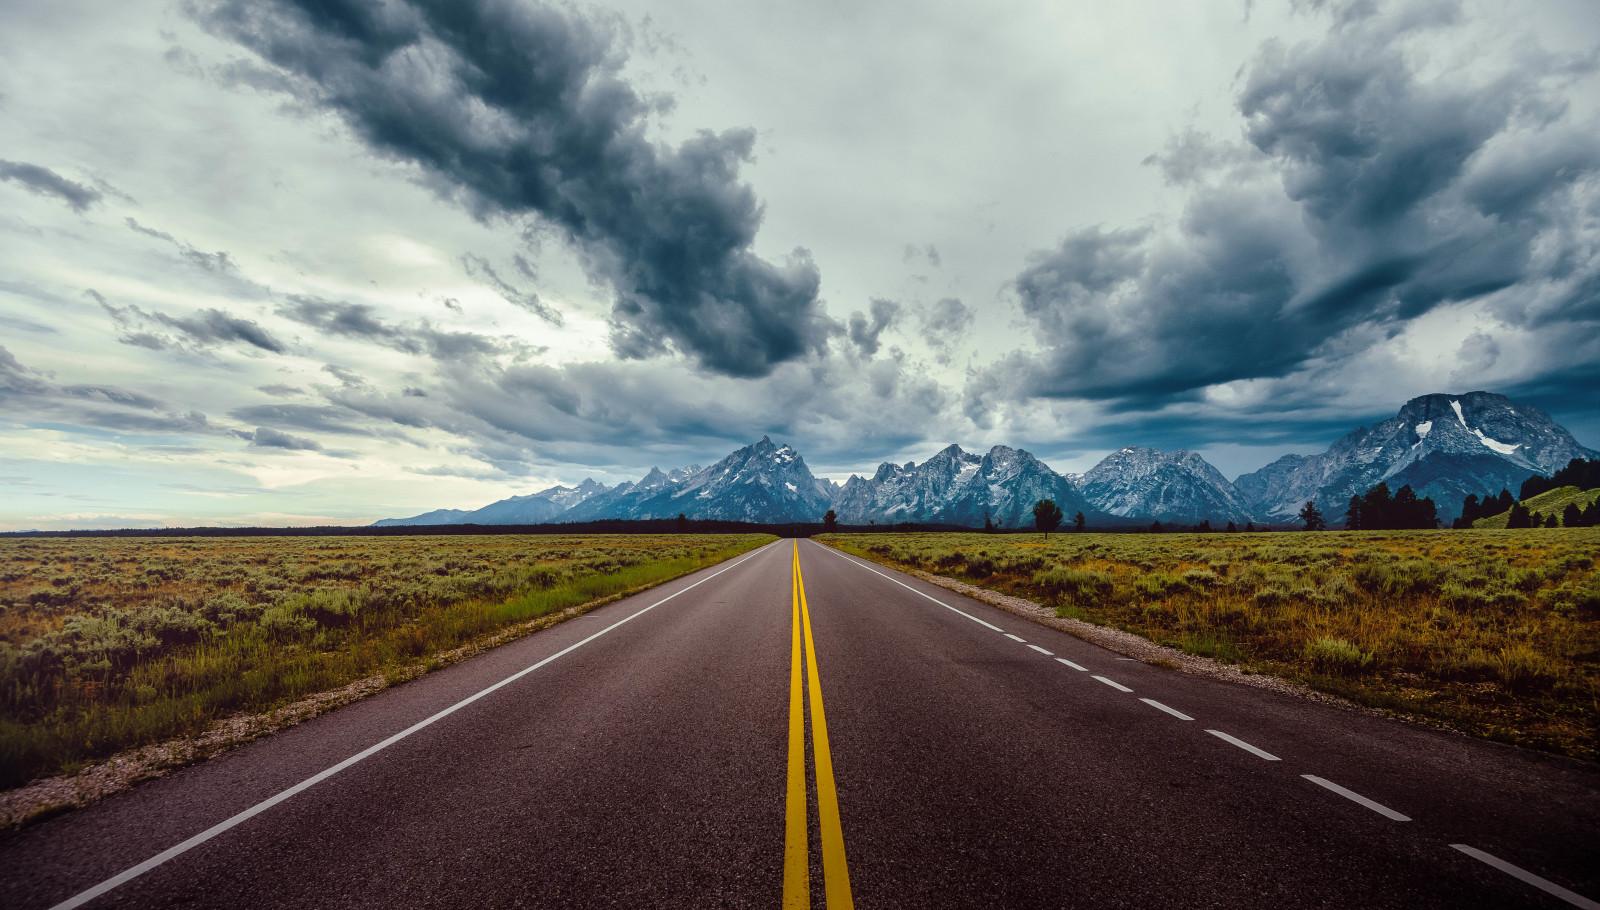 Wallpaper jalan langit awan awan 7843x4462 Rexar